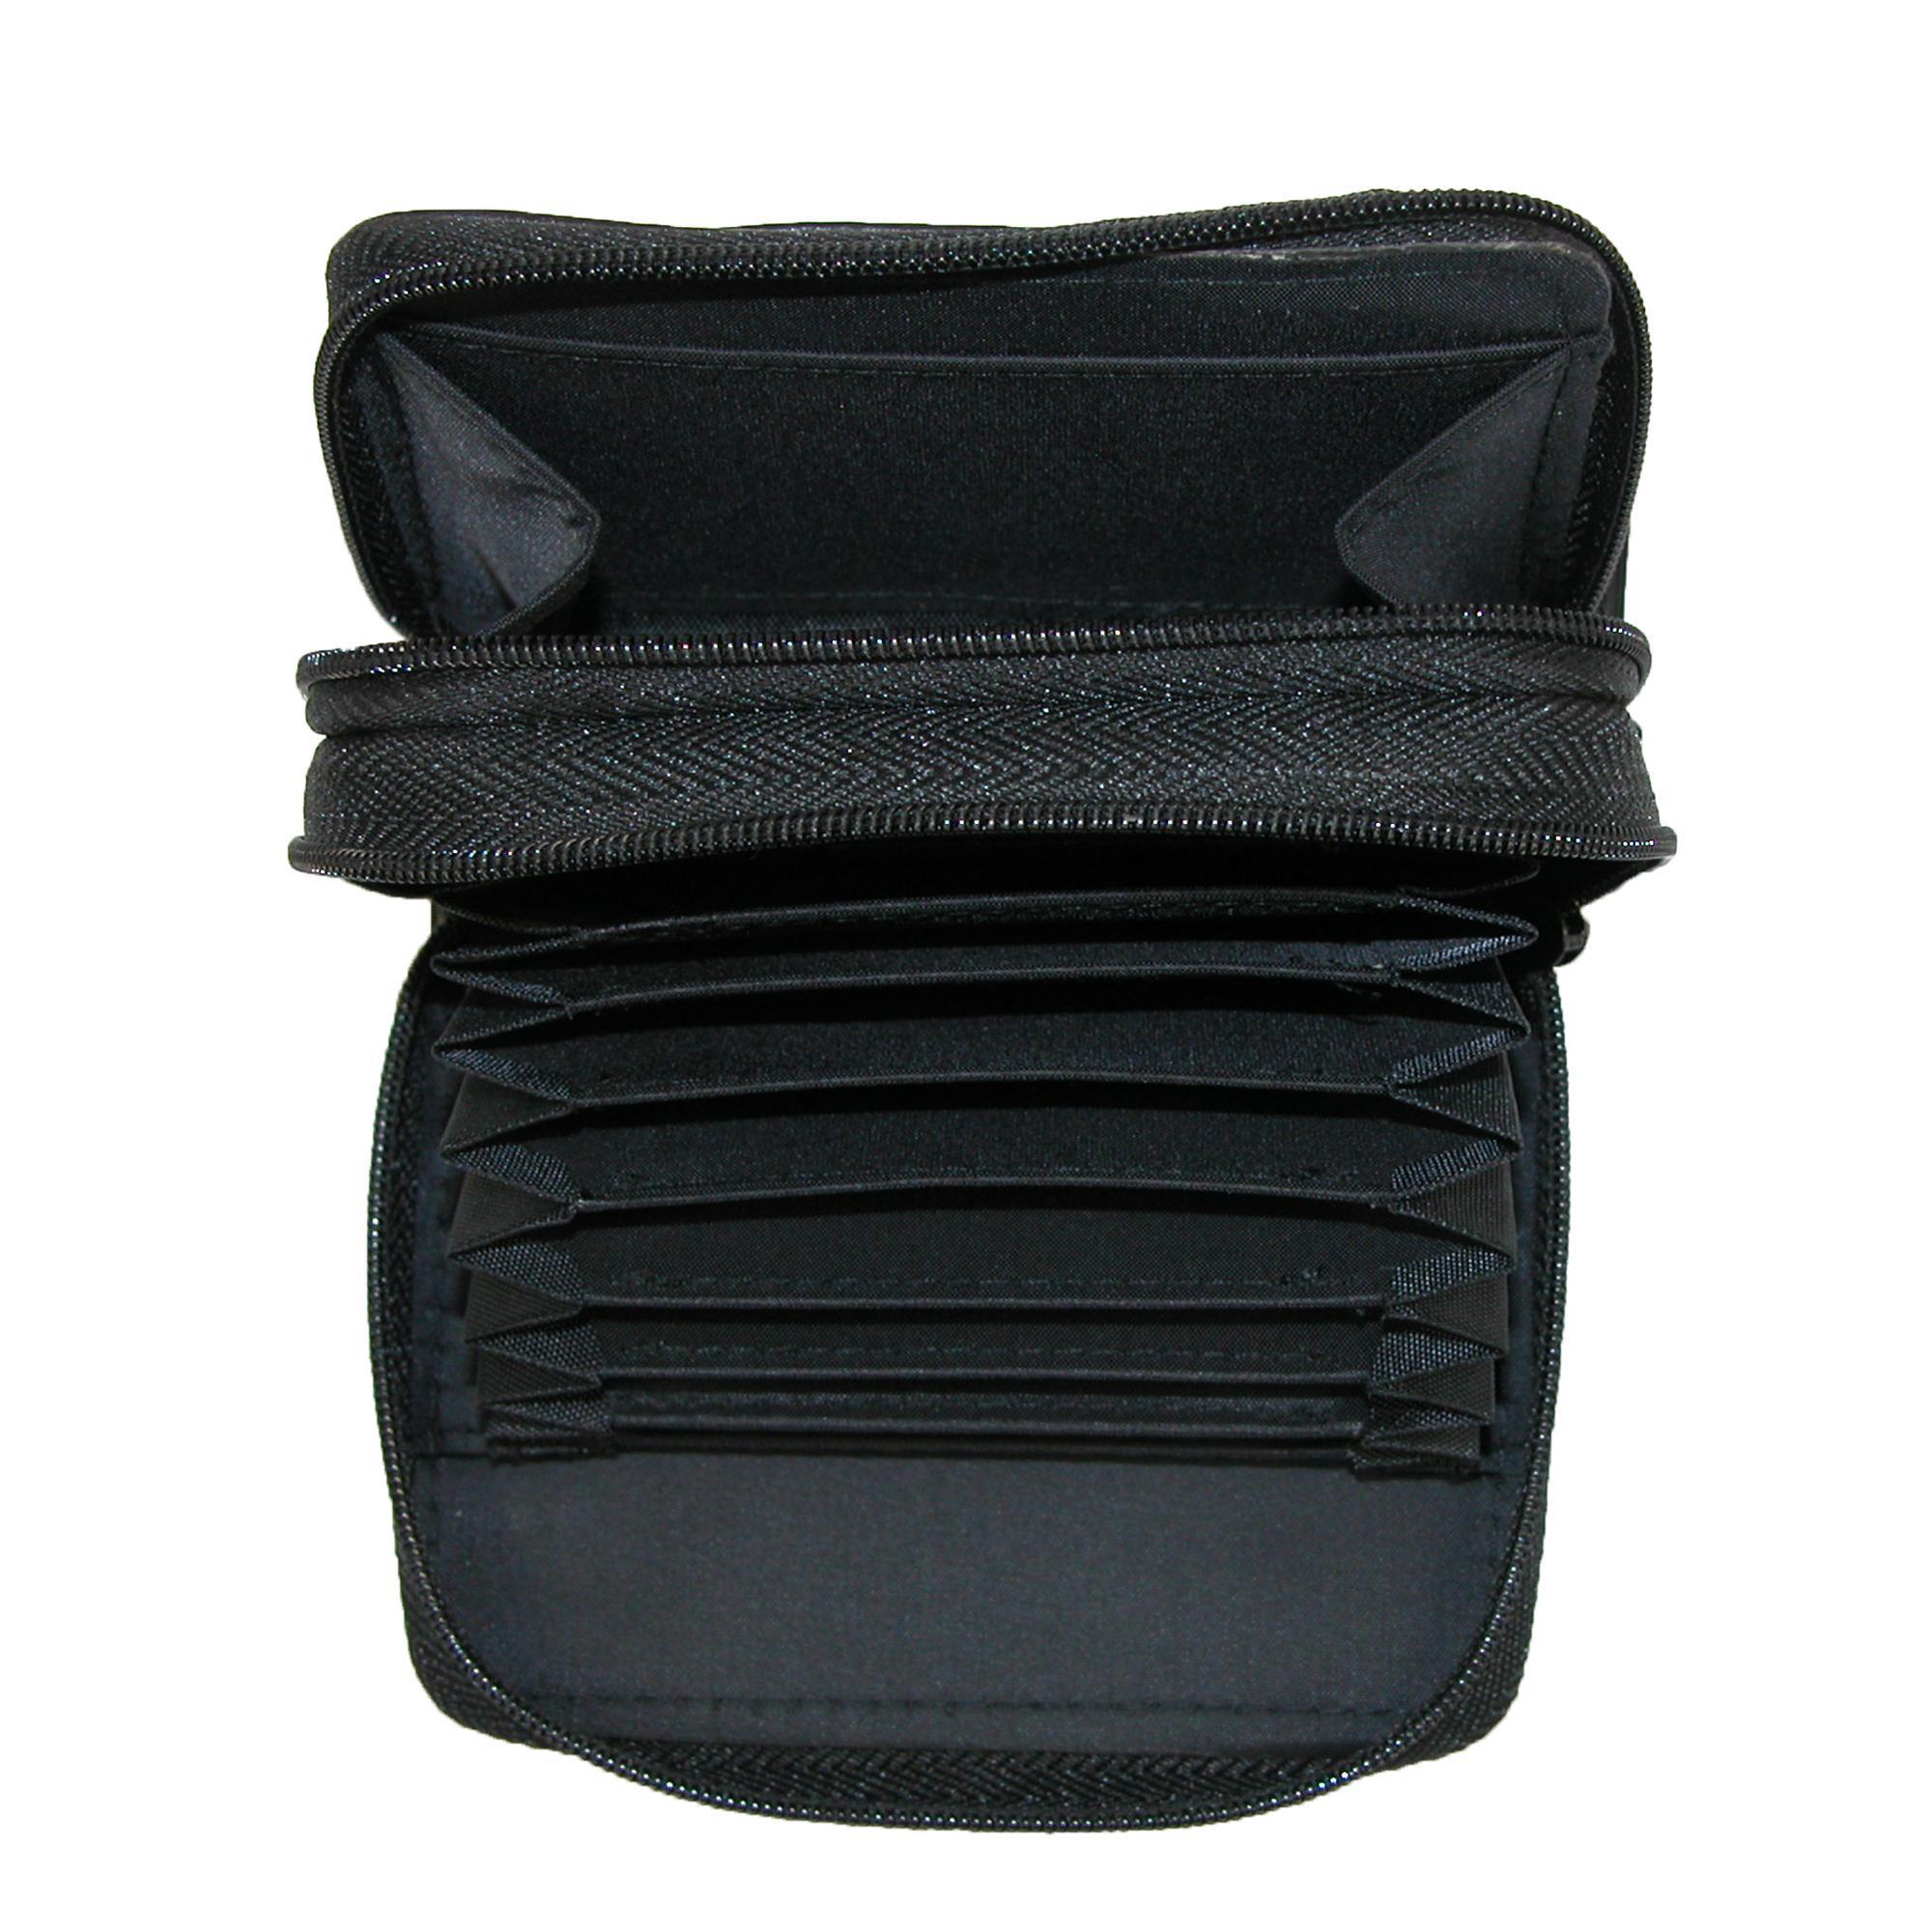 New-Buxton-Women-039-s-Leather-Mini-Accordion-Wizard-Wallet thumbnail 4